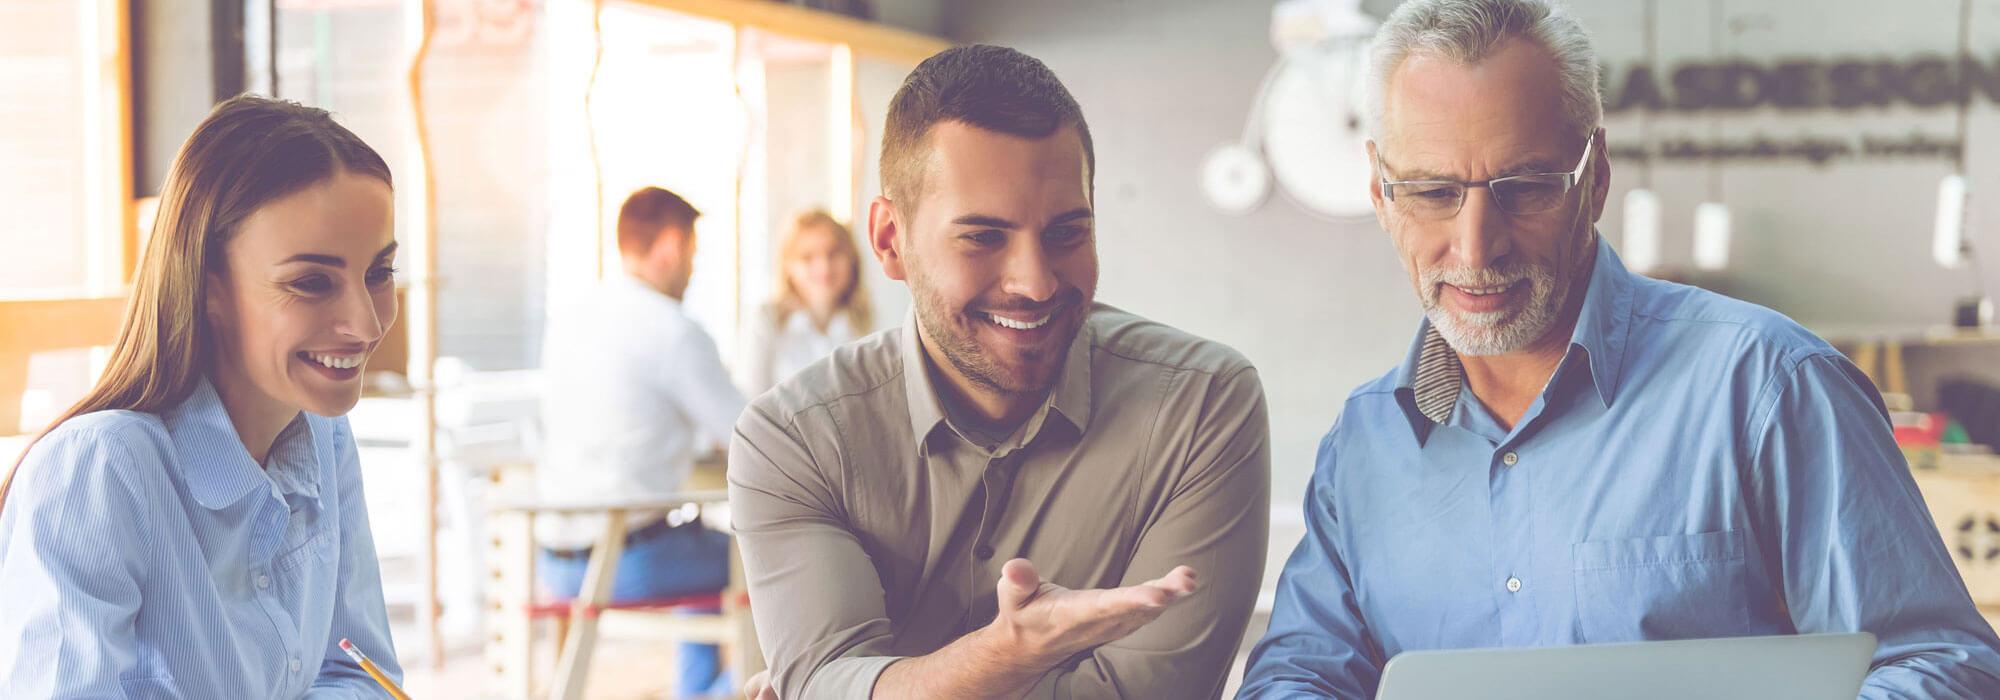 Mitarbeiterentwicklung - Wir investieren in unsere Mitarbeiter